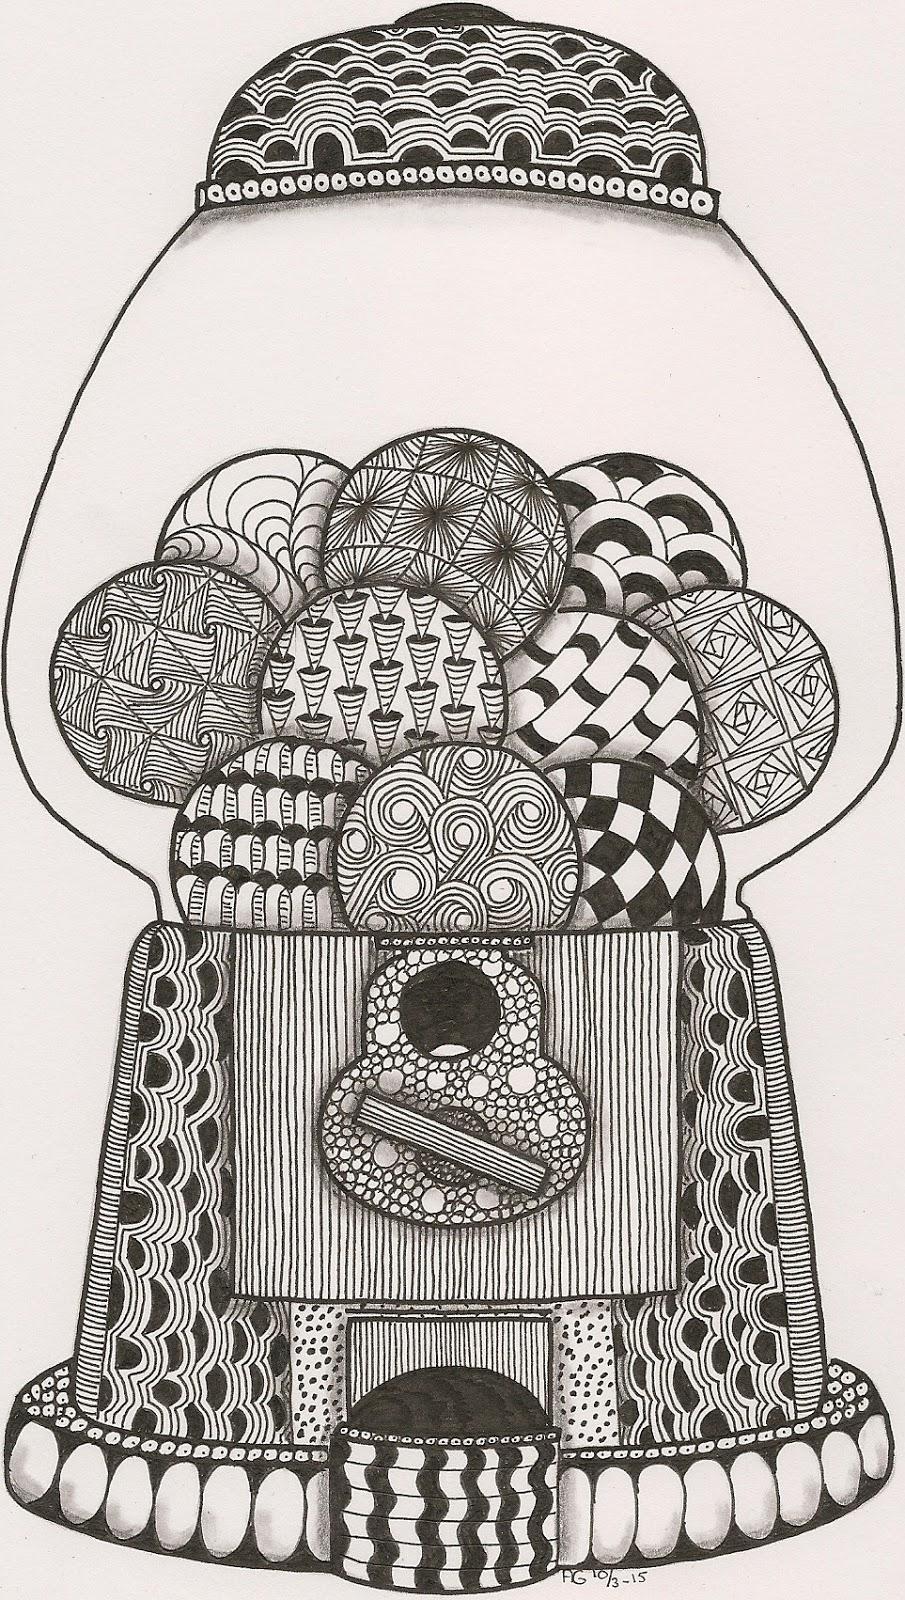 Drawn vans zentangle Adri: Pinterest 092 Ben van